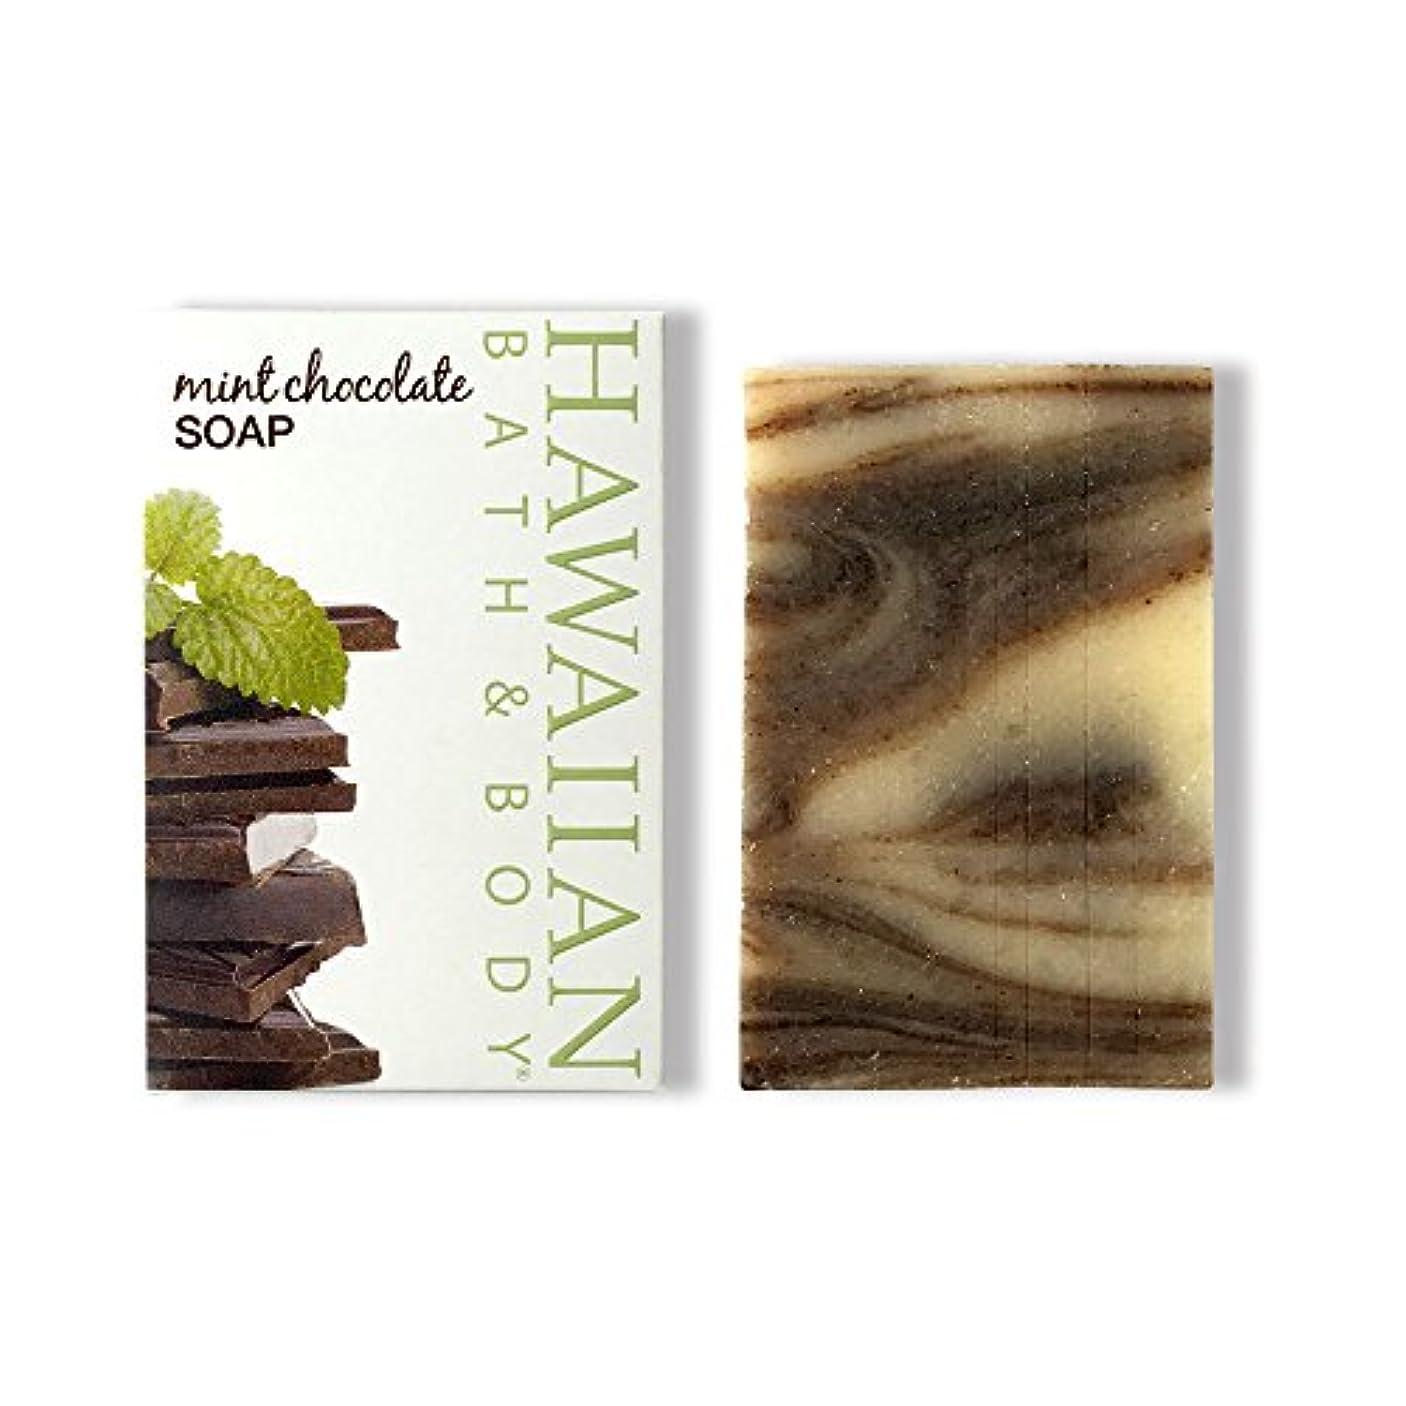 くしゃみ機関ハワイアンバス&ボディ ハワイアン?ミントチョコレートソープ ( Hawaii Mint Chocolate Soap )